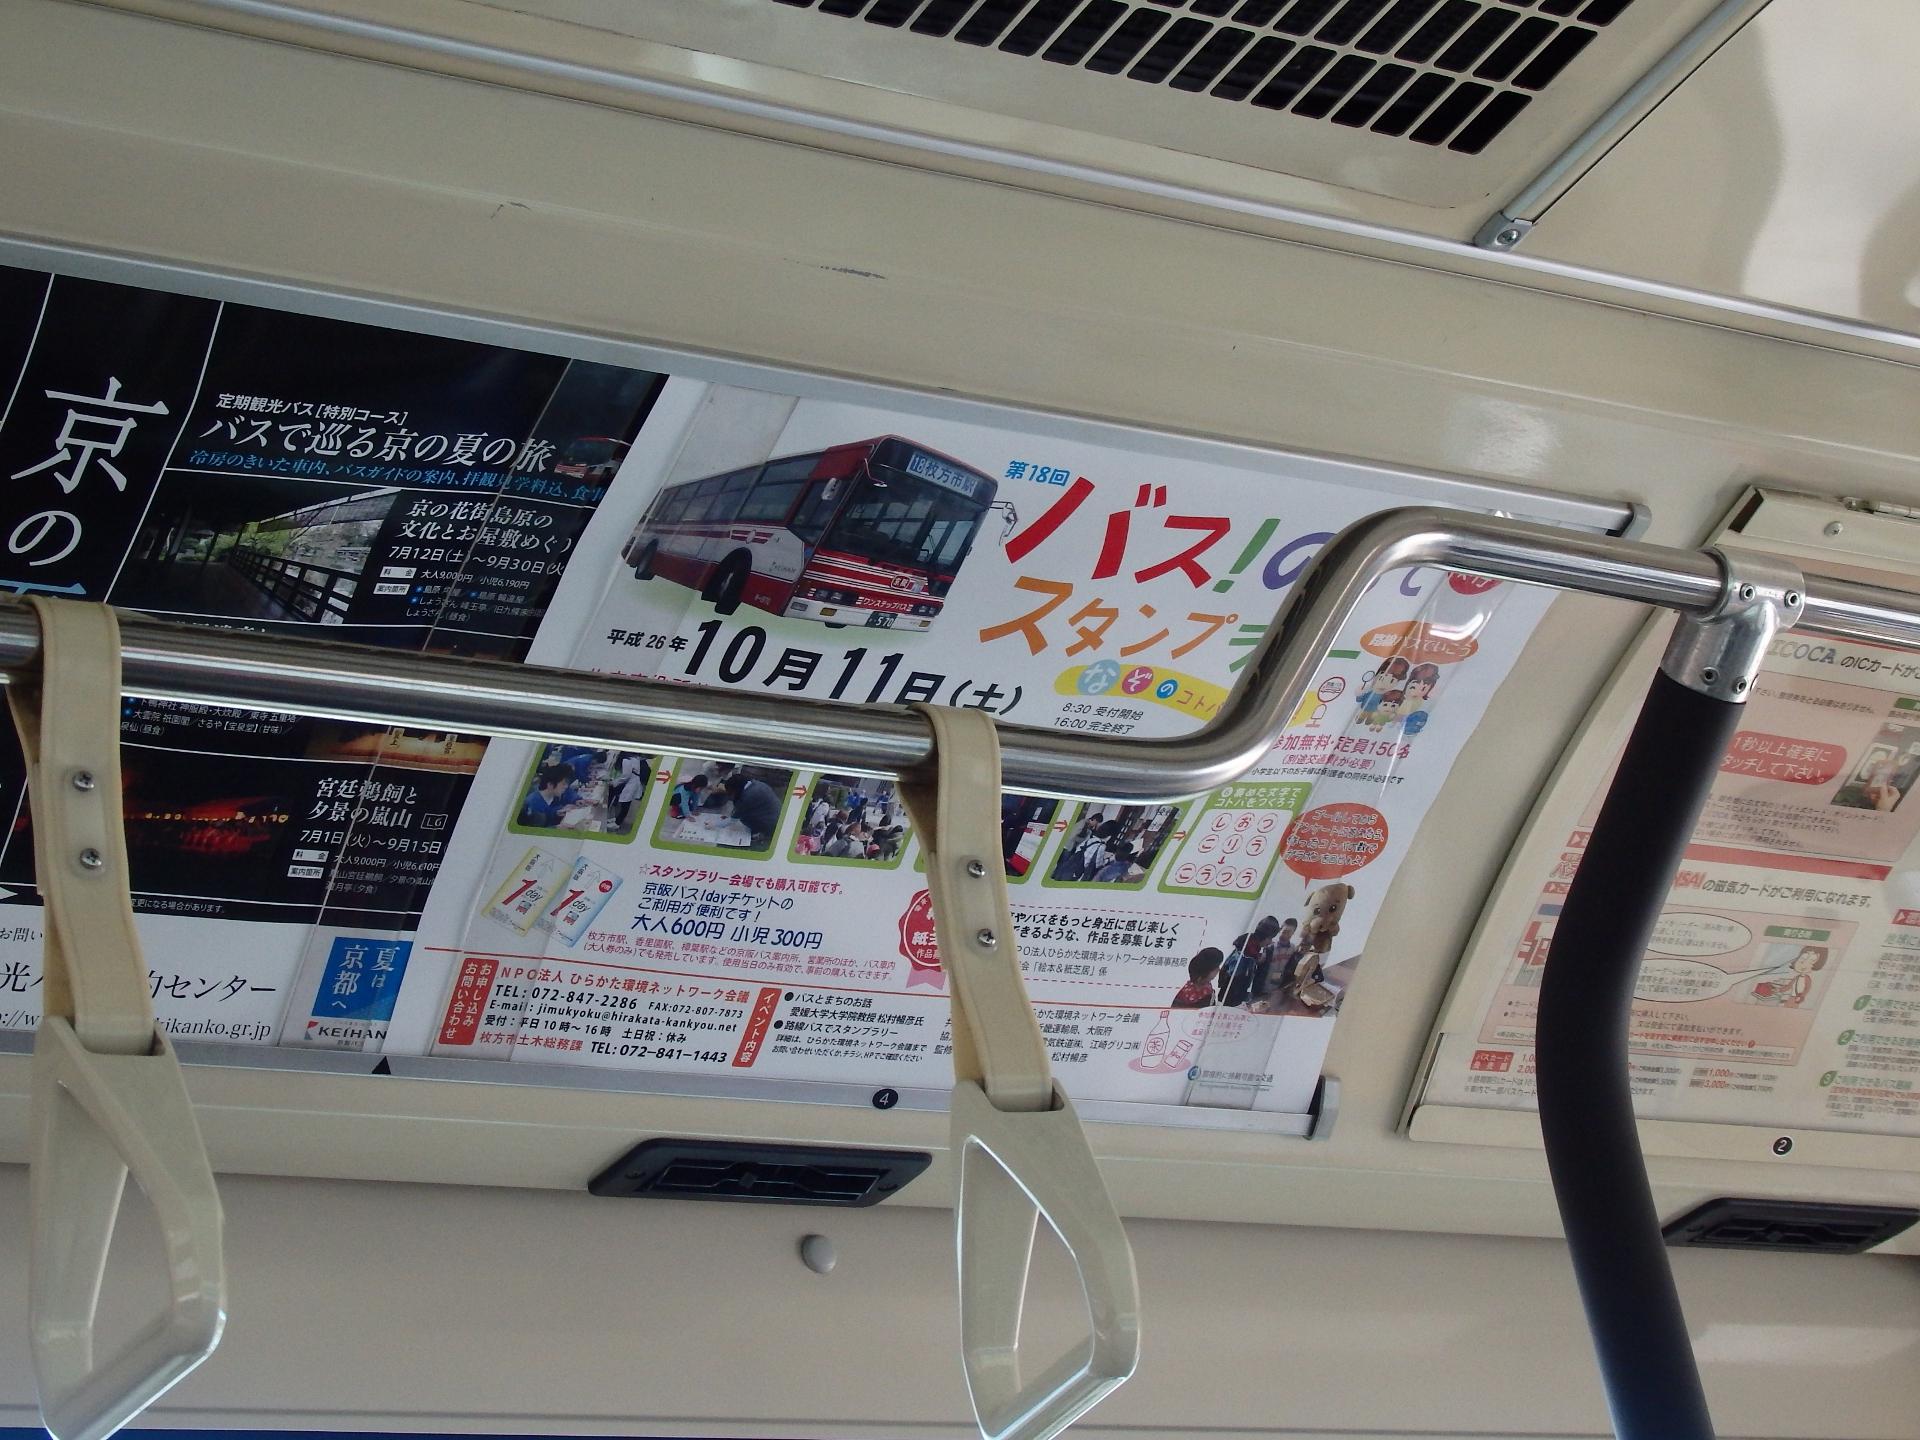 京阪バスのイベント広告です。